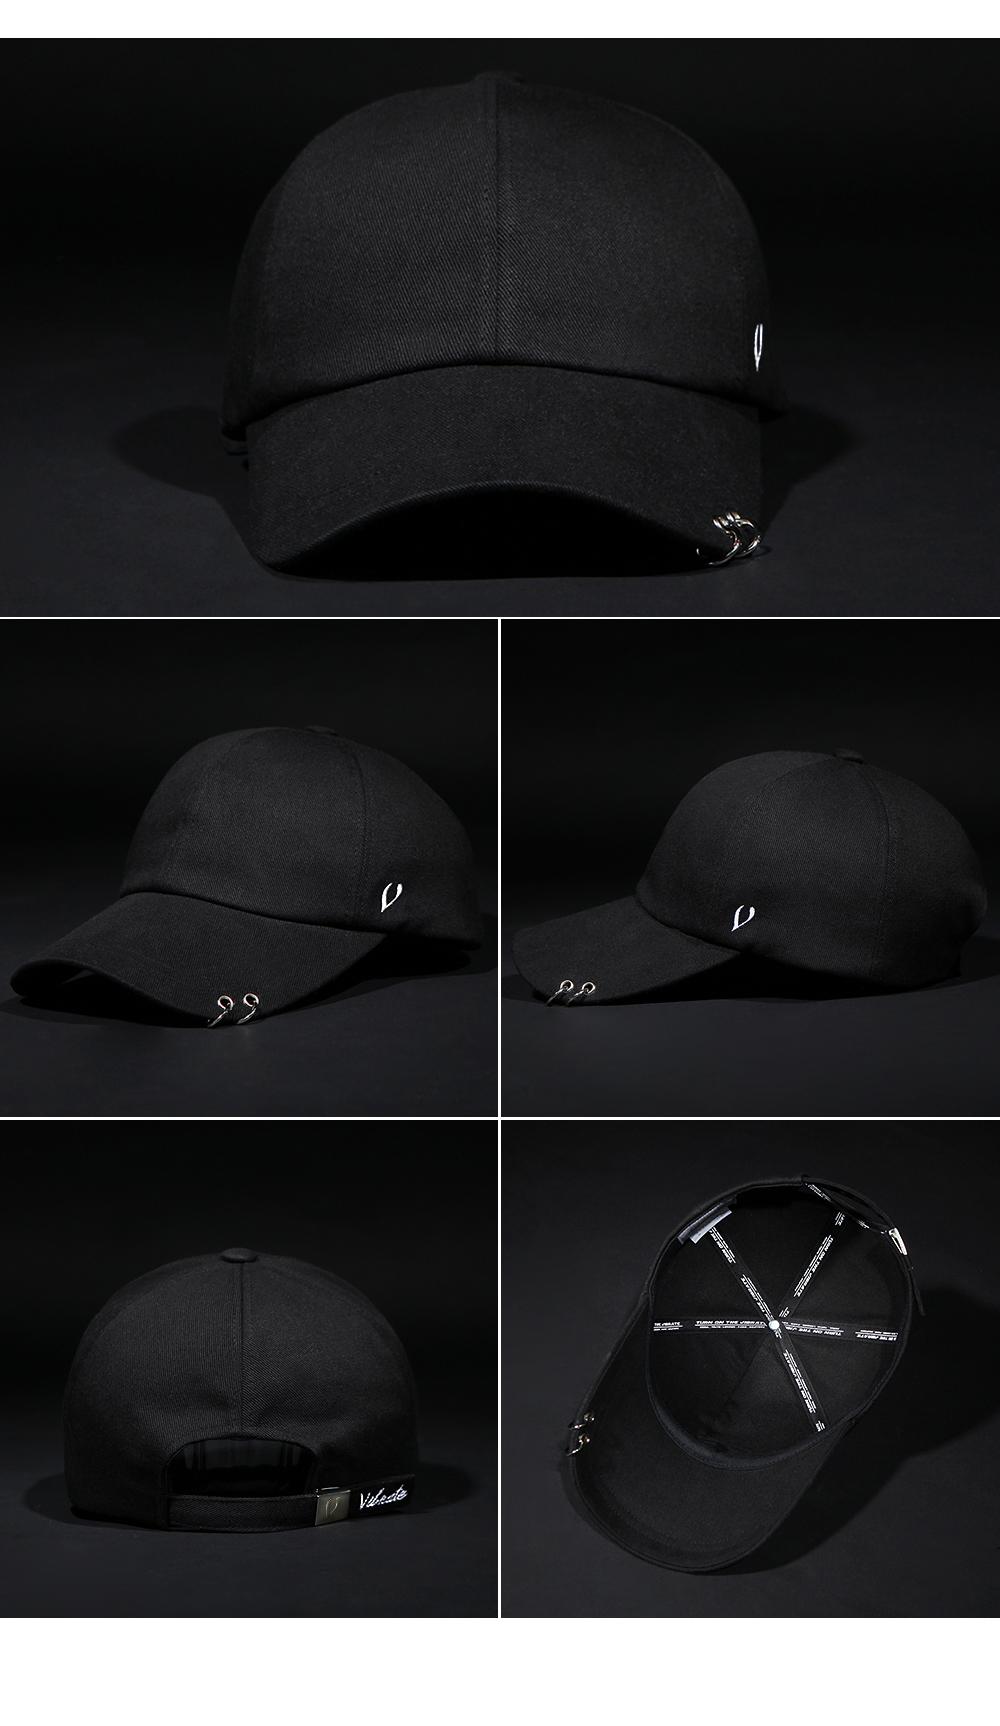 0106_ballcap_blackline_black_black.jpg